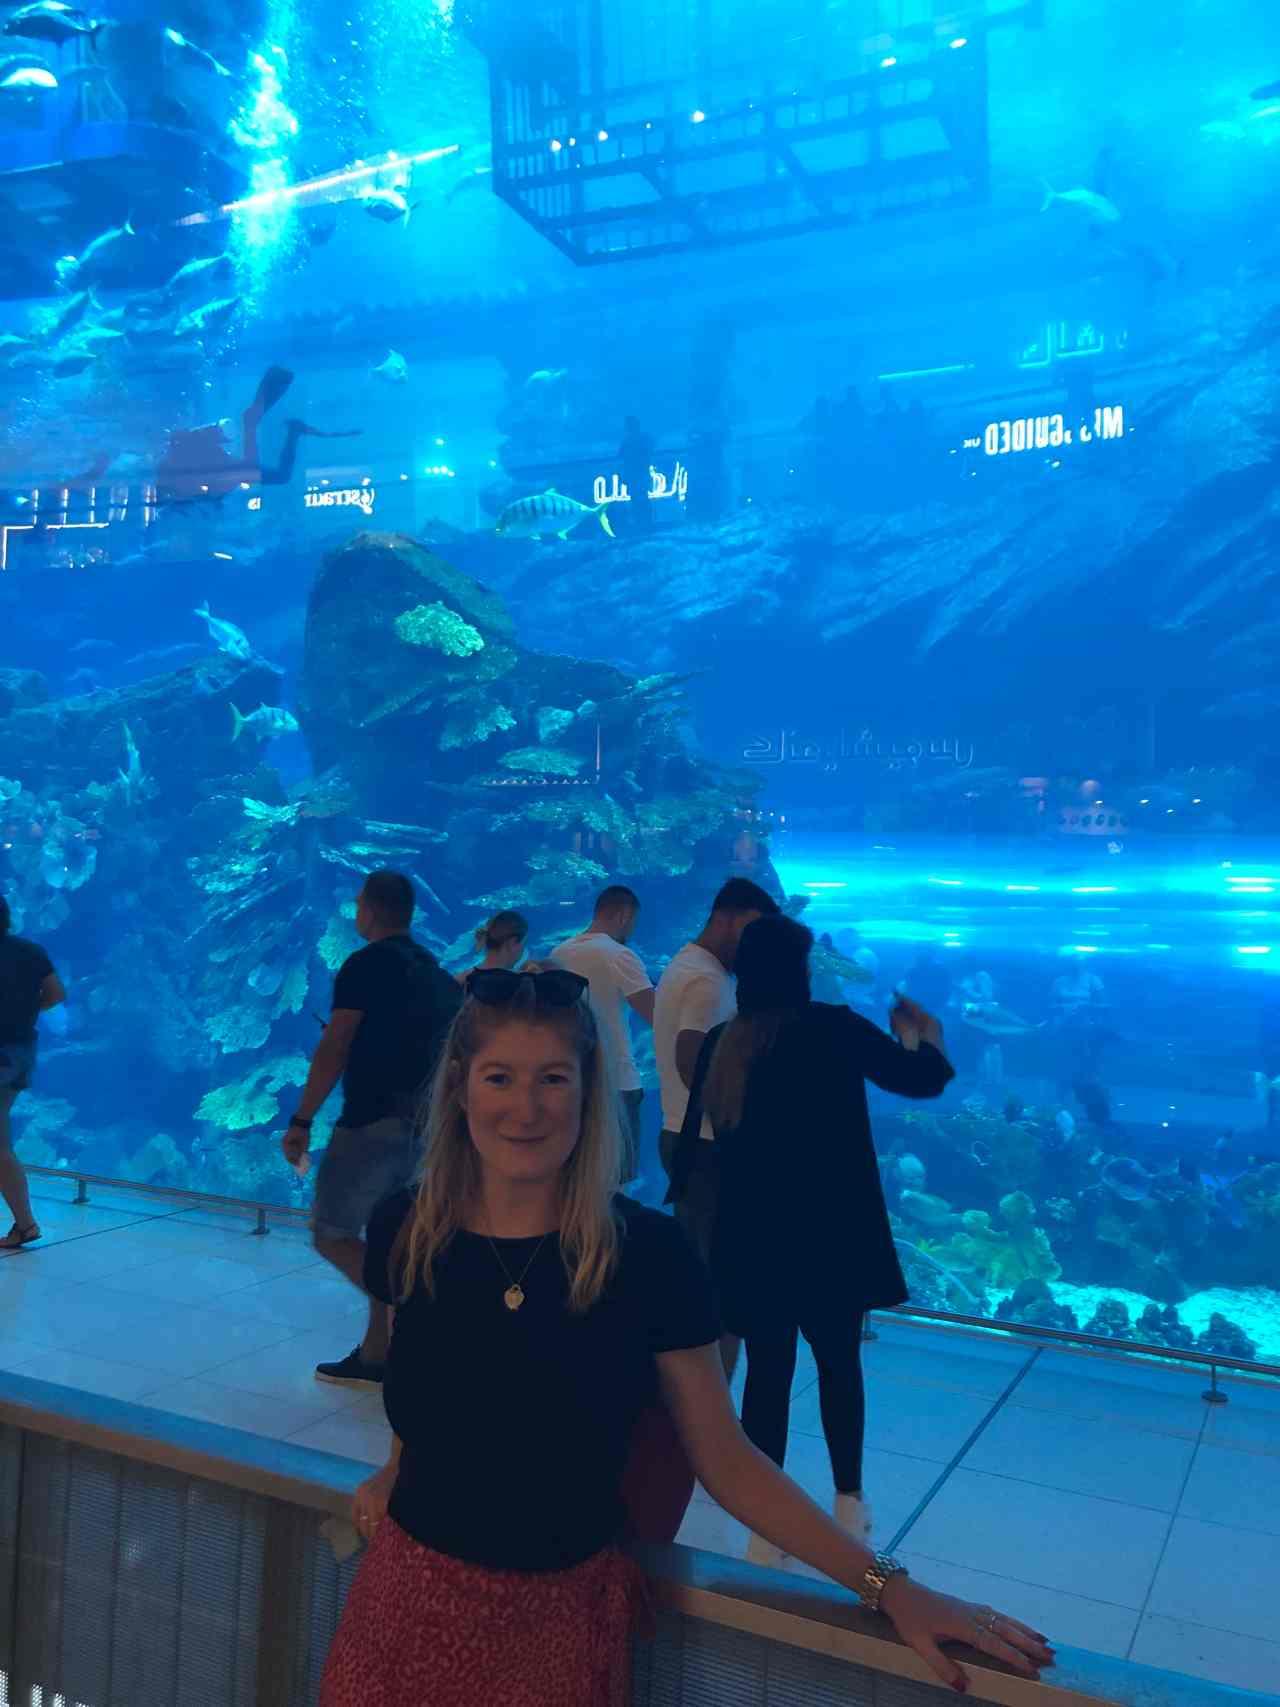 Diving in Dubai Mall aquarium